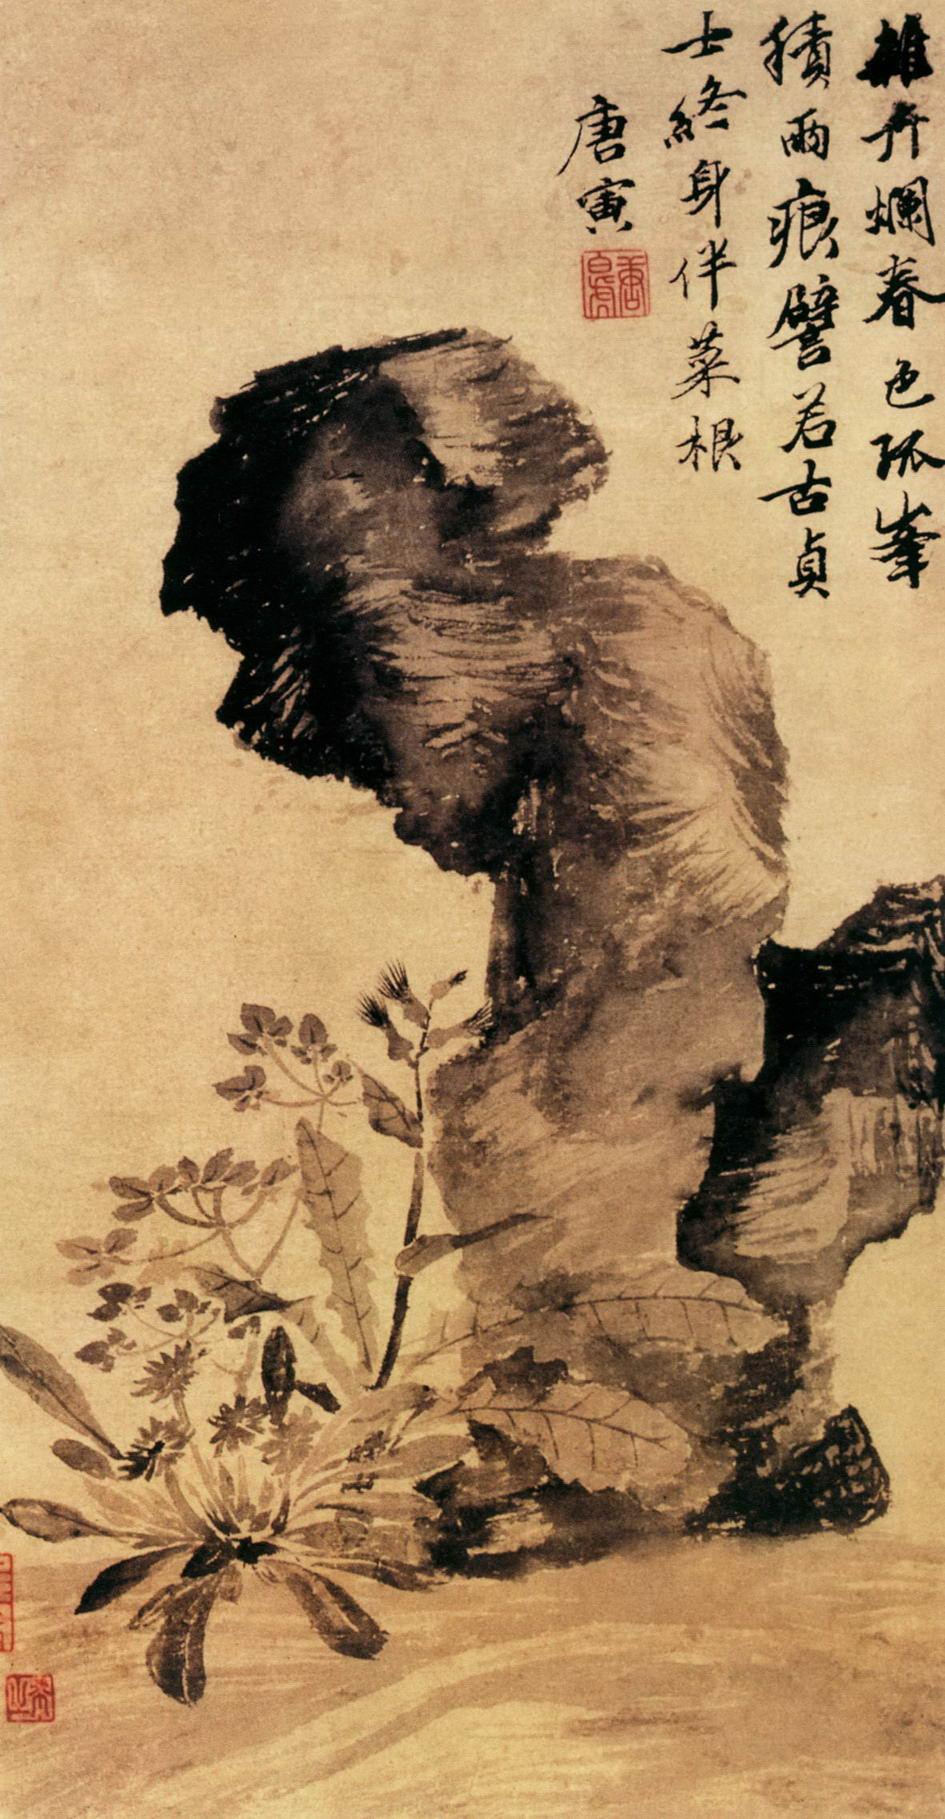 唐寅 - 香儿 - xianger